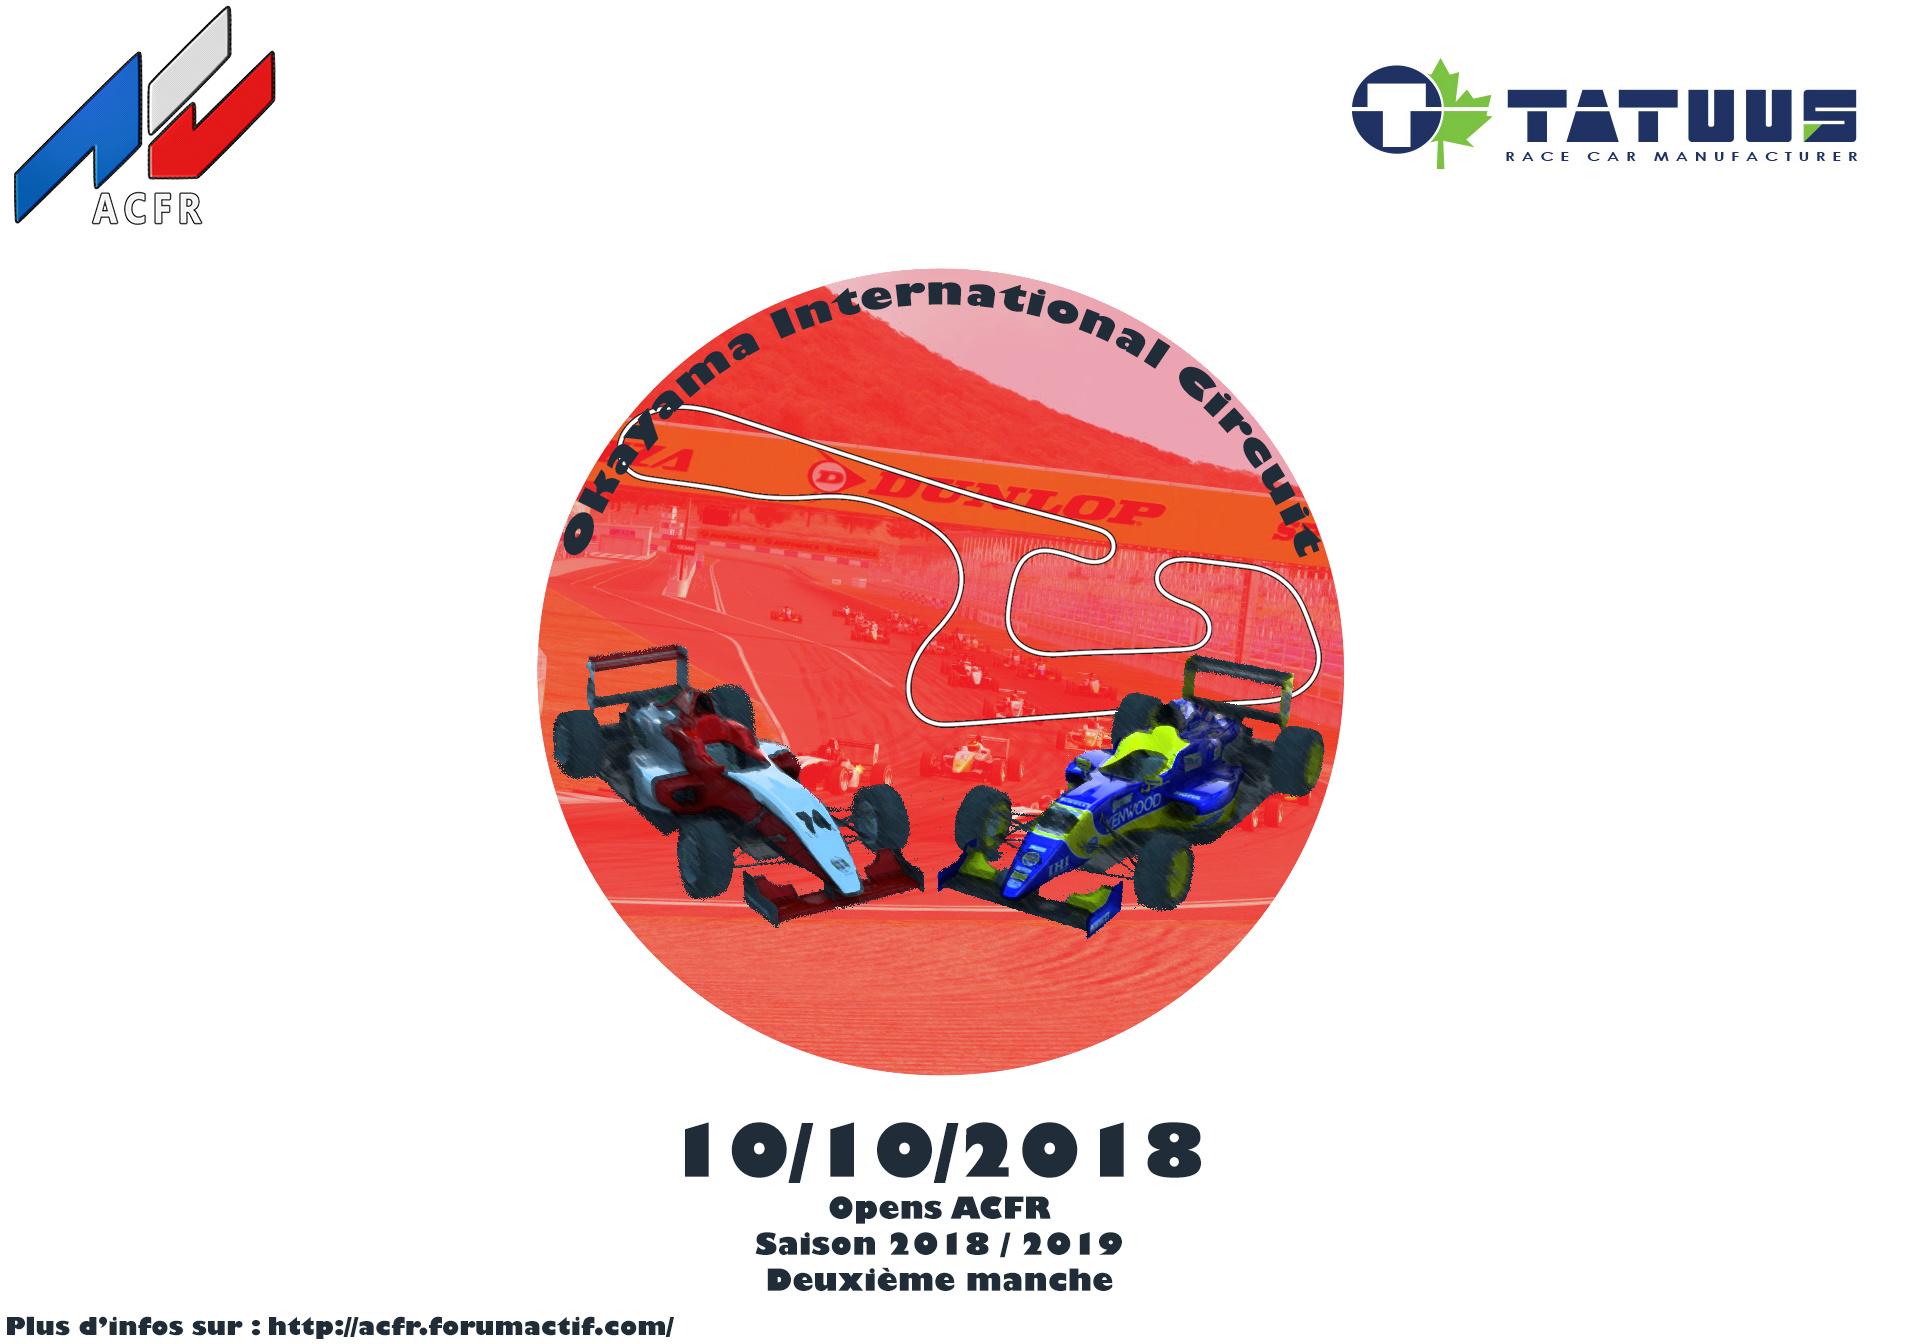 [Open ACFR] Manche 2 saison 2018/2019 - Tatuus FA01 - Okayama International Circuit Affich11